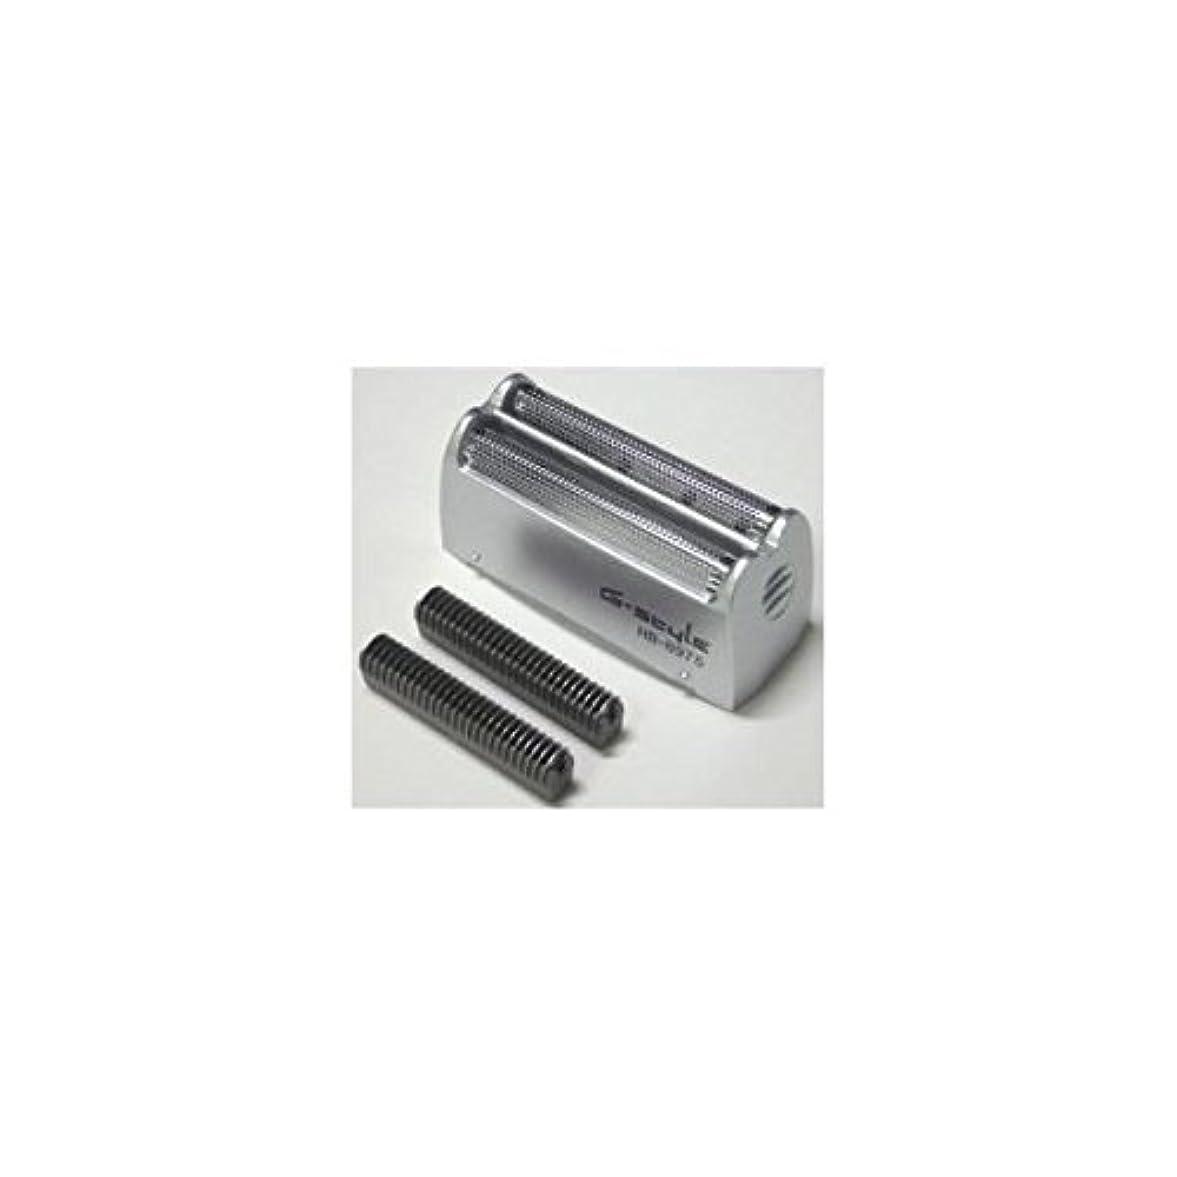 ガイドラインひどく興奮するオーム電機 シェーバー用替え刃セット HB8981